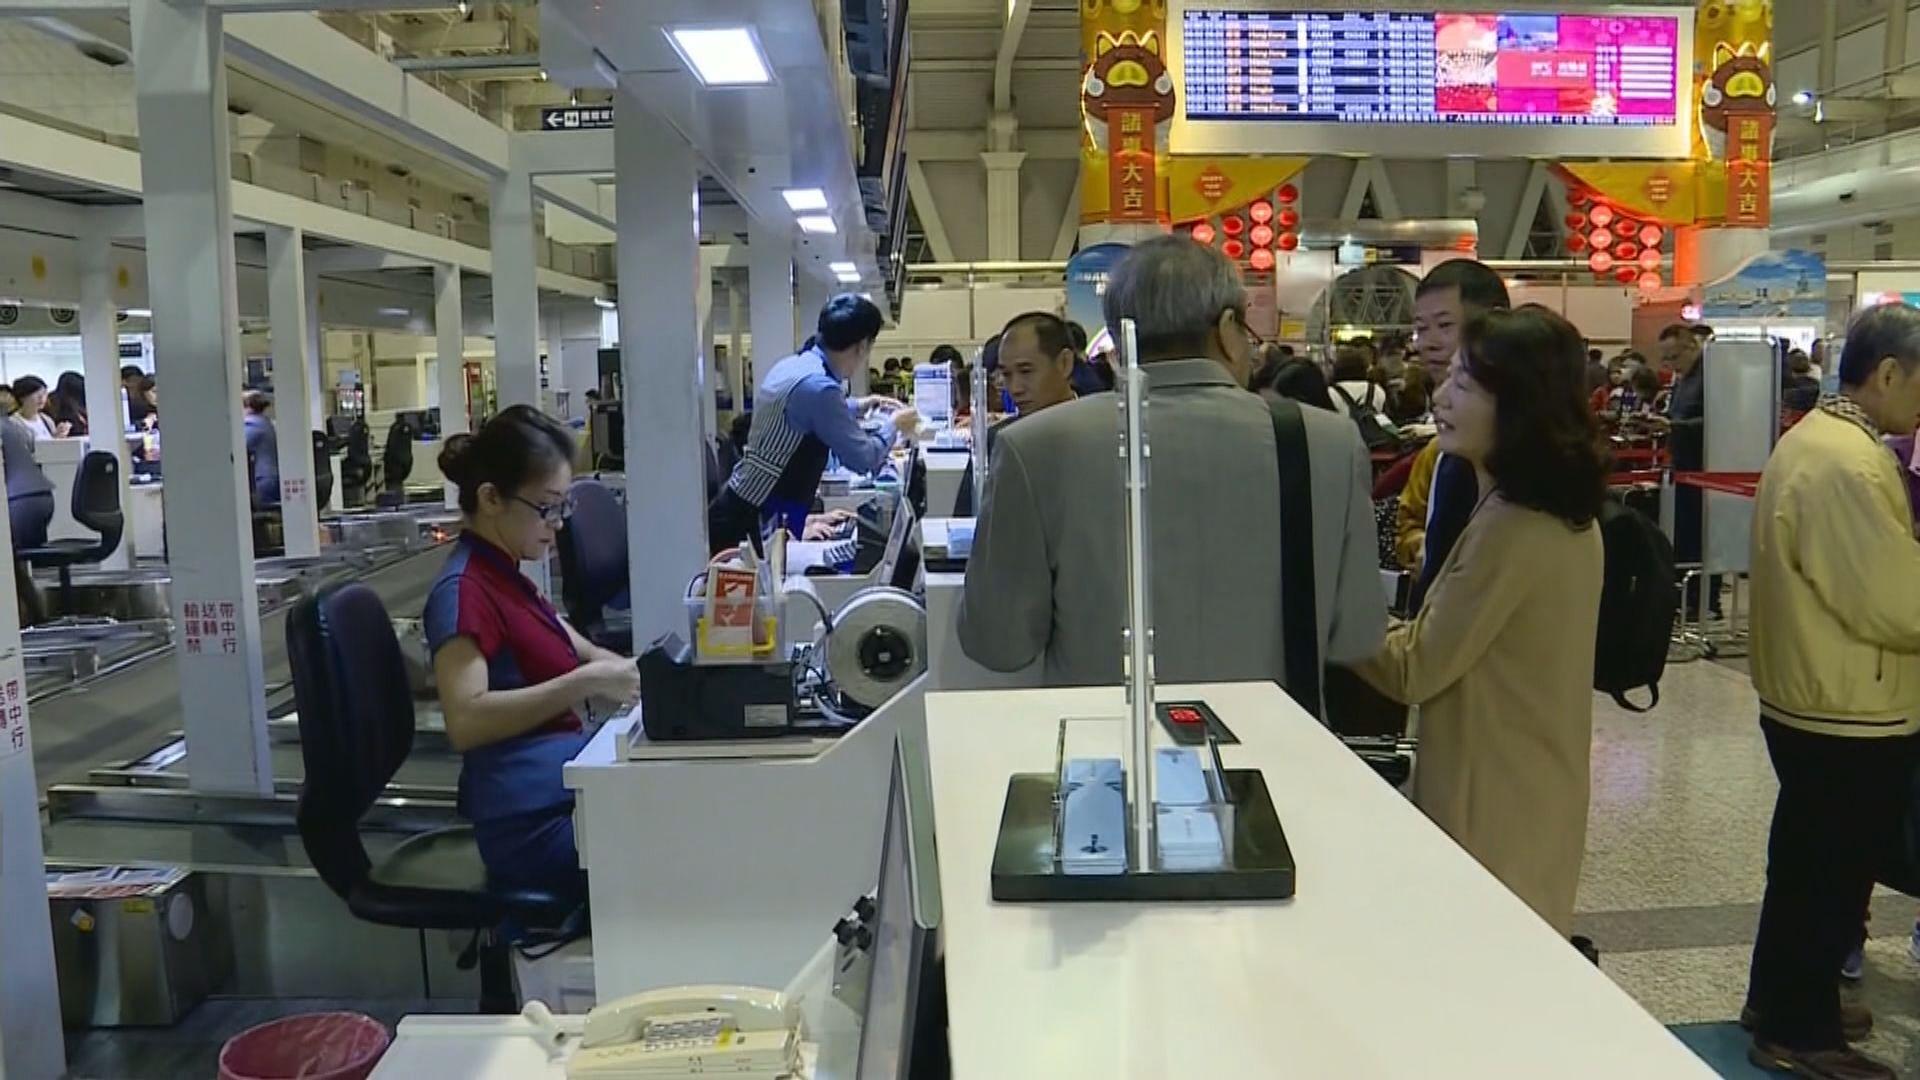 華航機師工潮結束 15班航班今仍取消